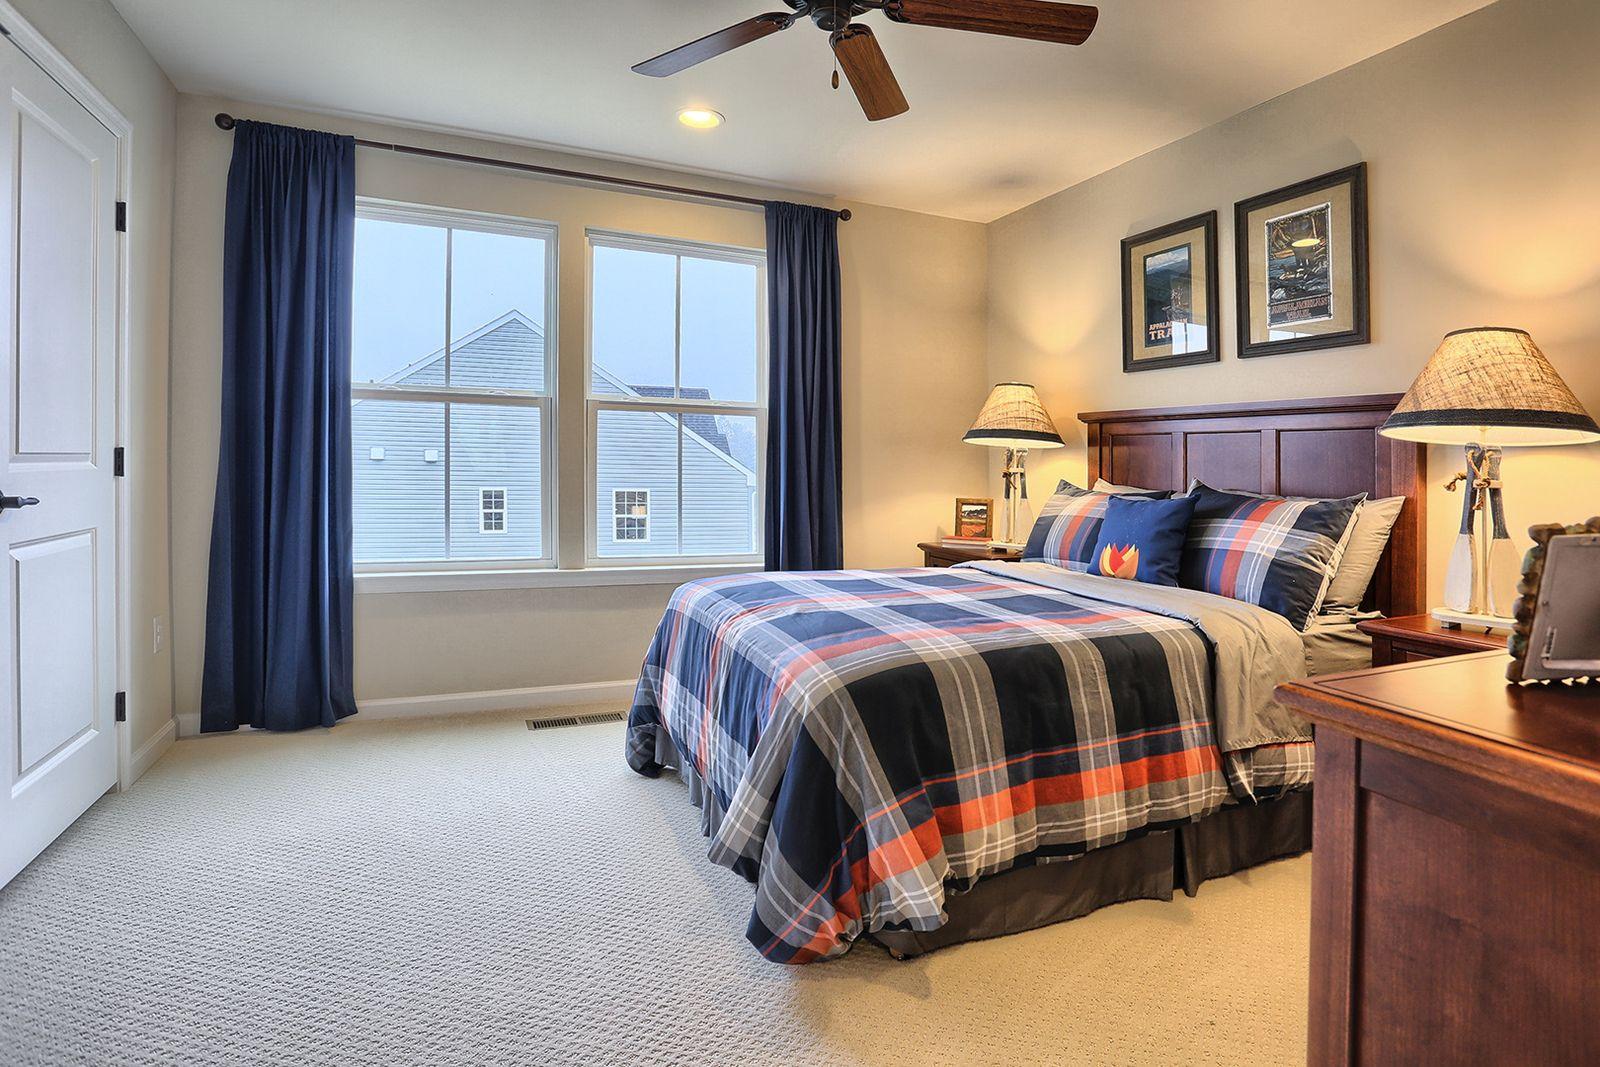 Bedroom featured in the Pisa Torre By Ryan Homes in Warren County, NJ